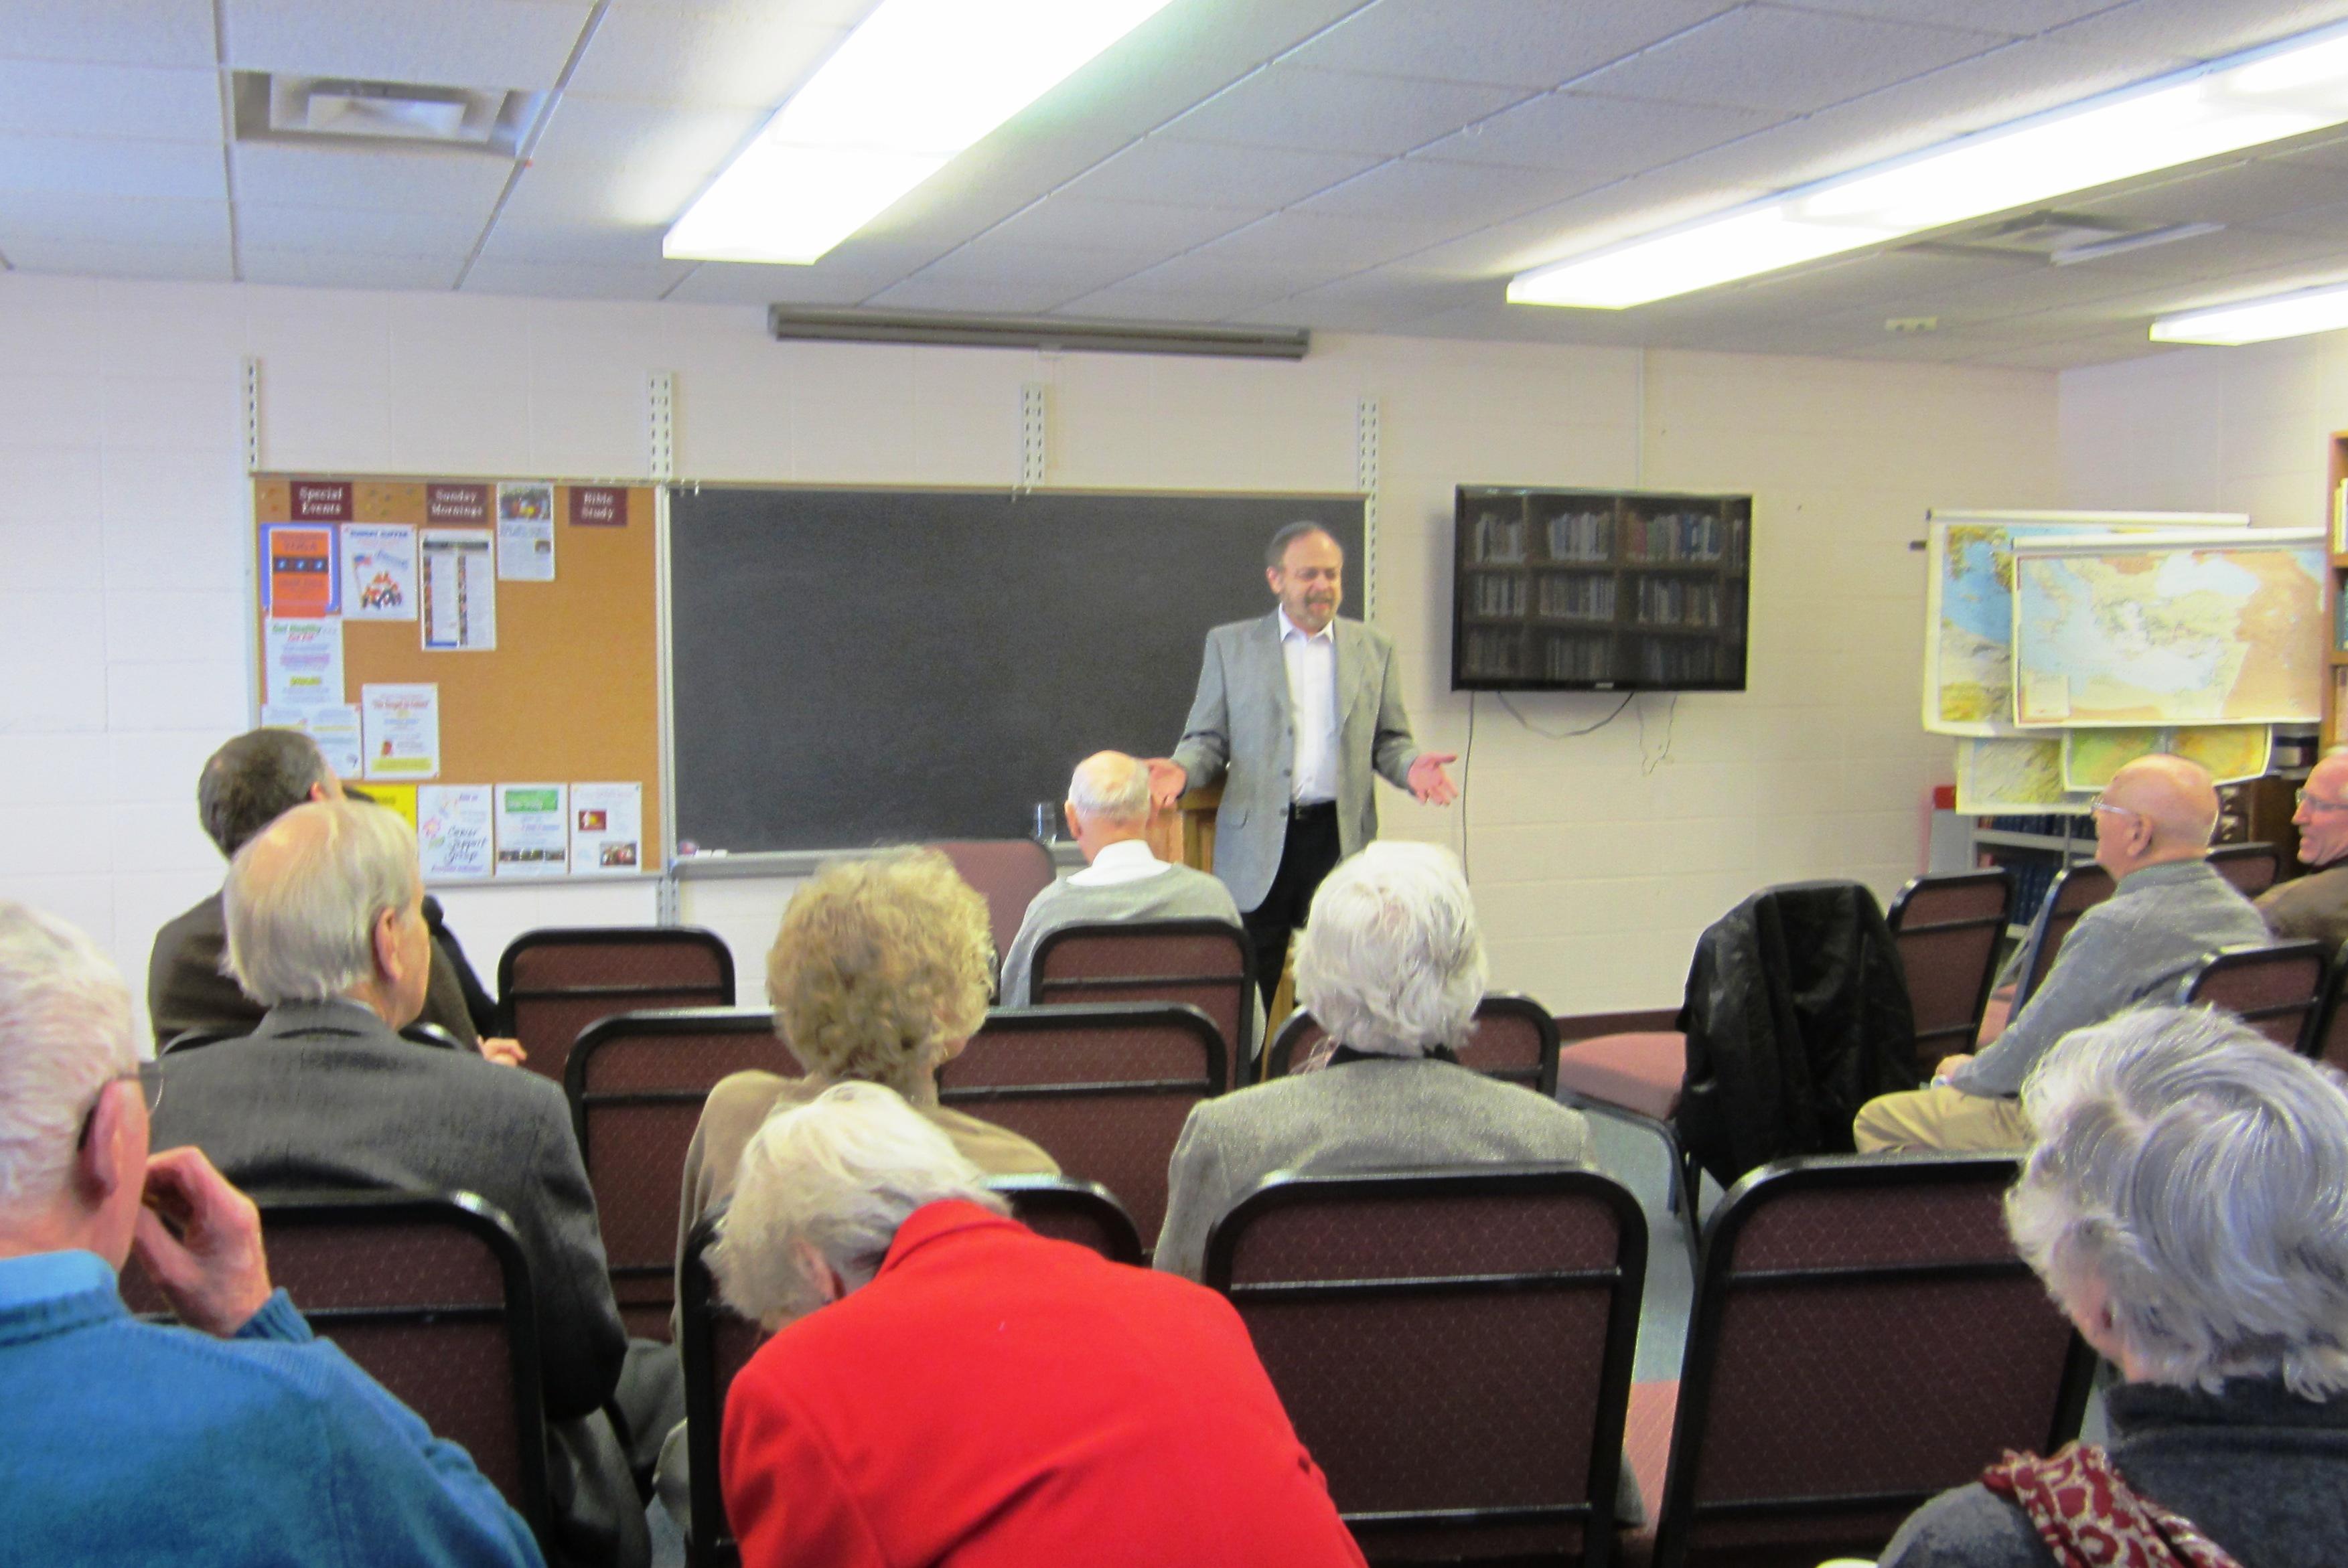 Teaching at a church